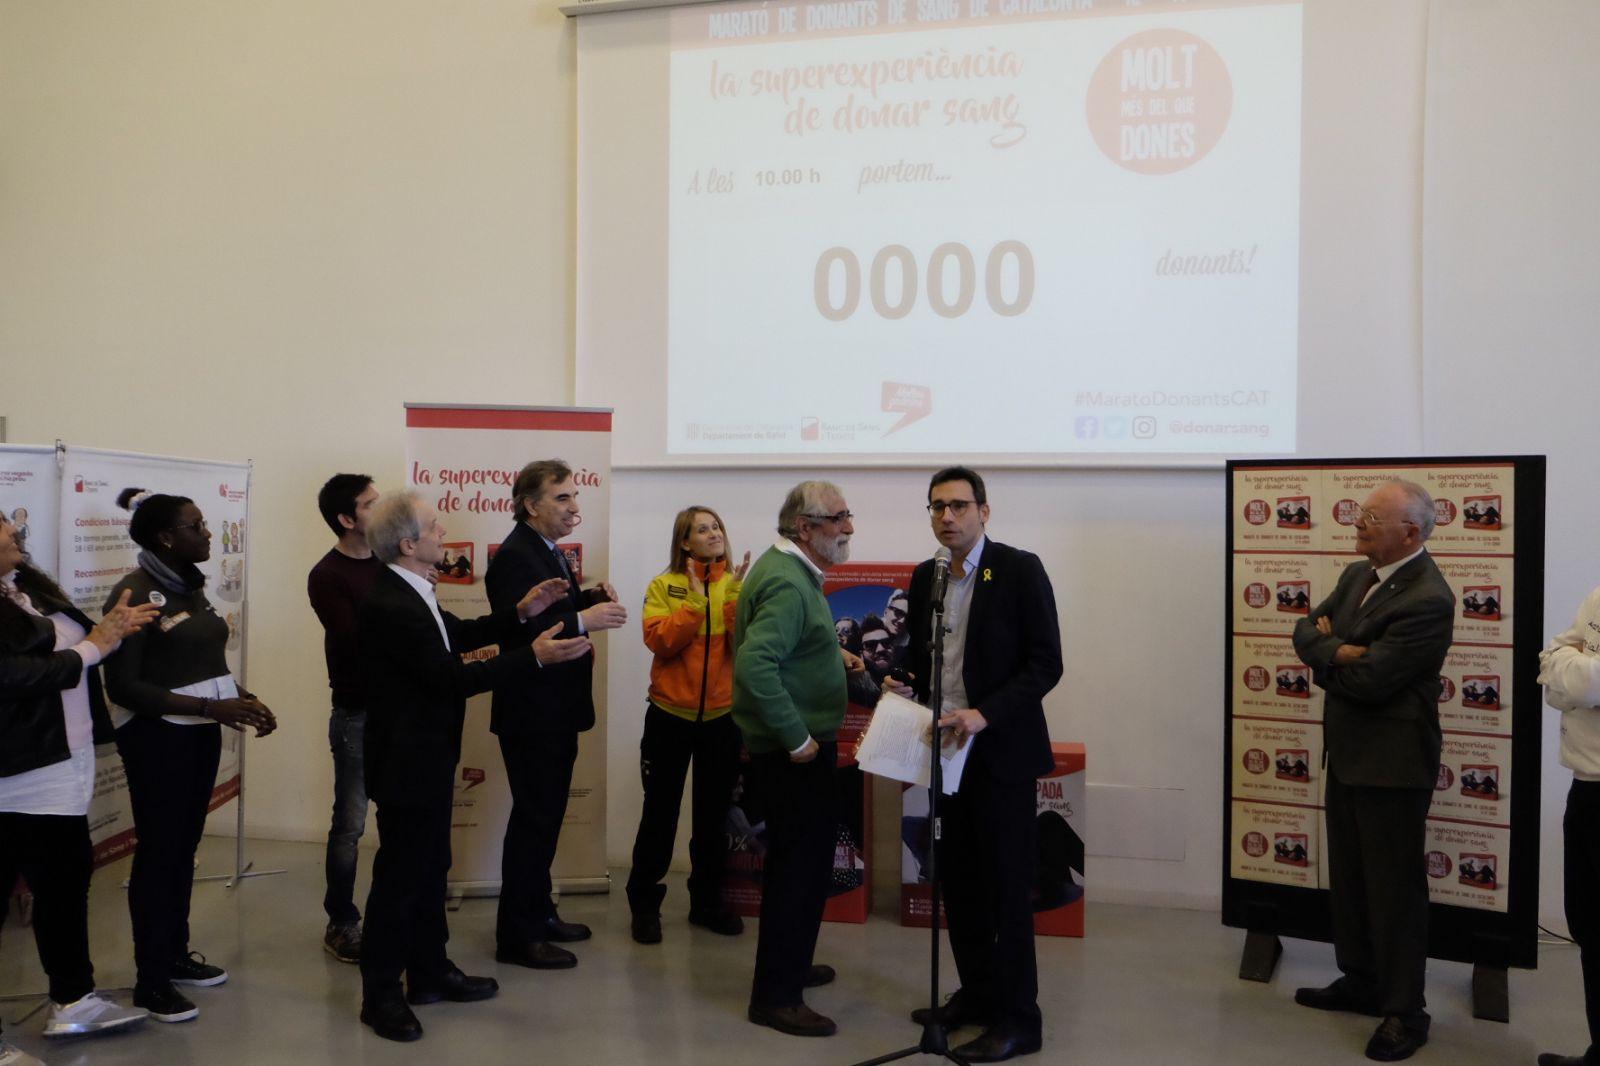 Aquest matí s'ha activat el marcador de la Marató de Donants de Sang per remuntar les reserves després de les festes de Nadal